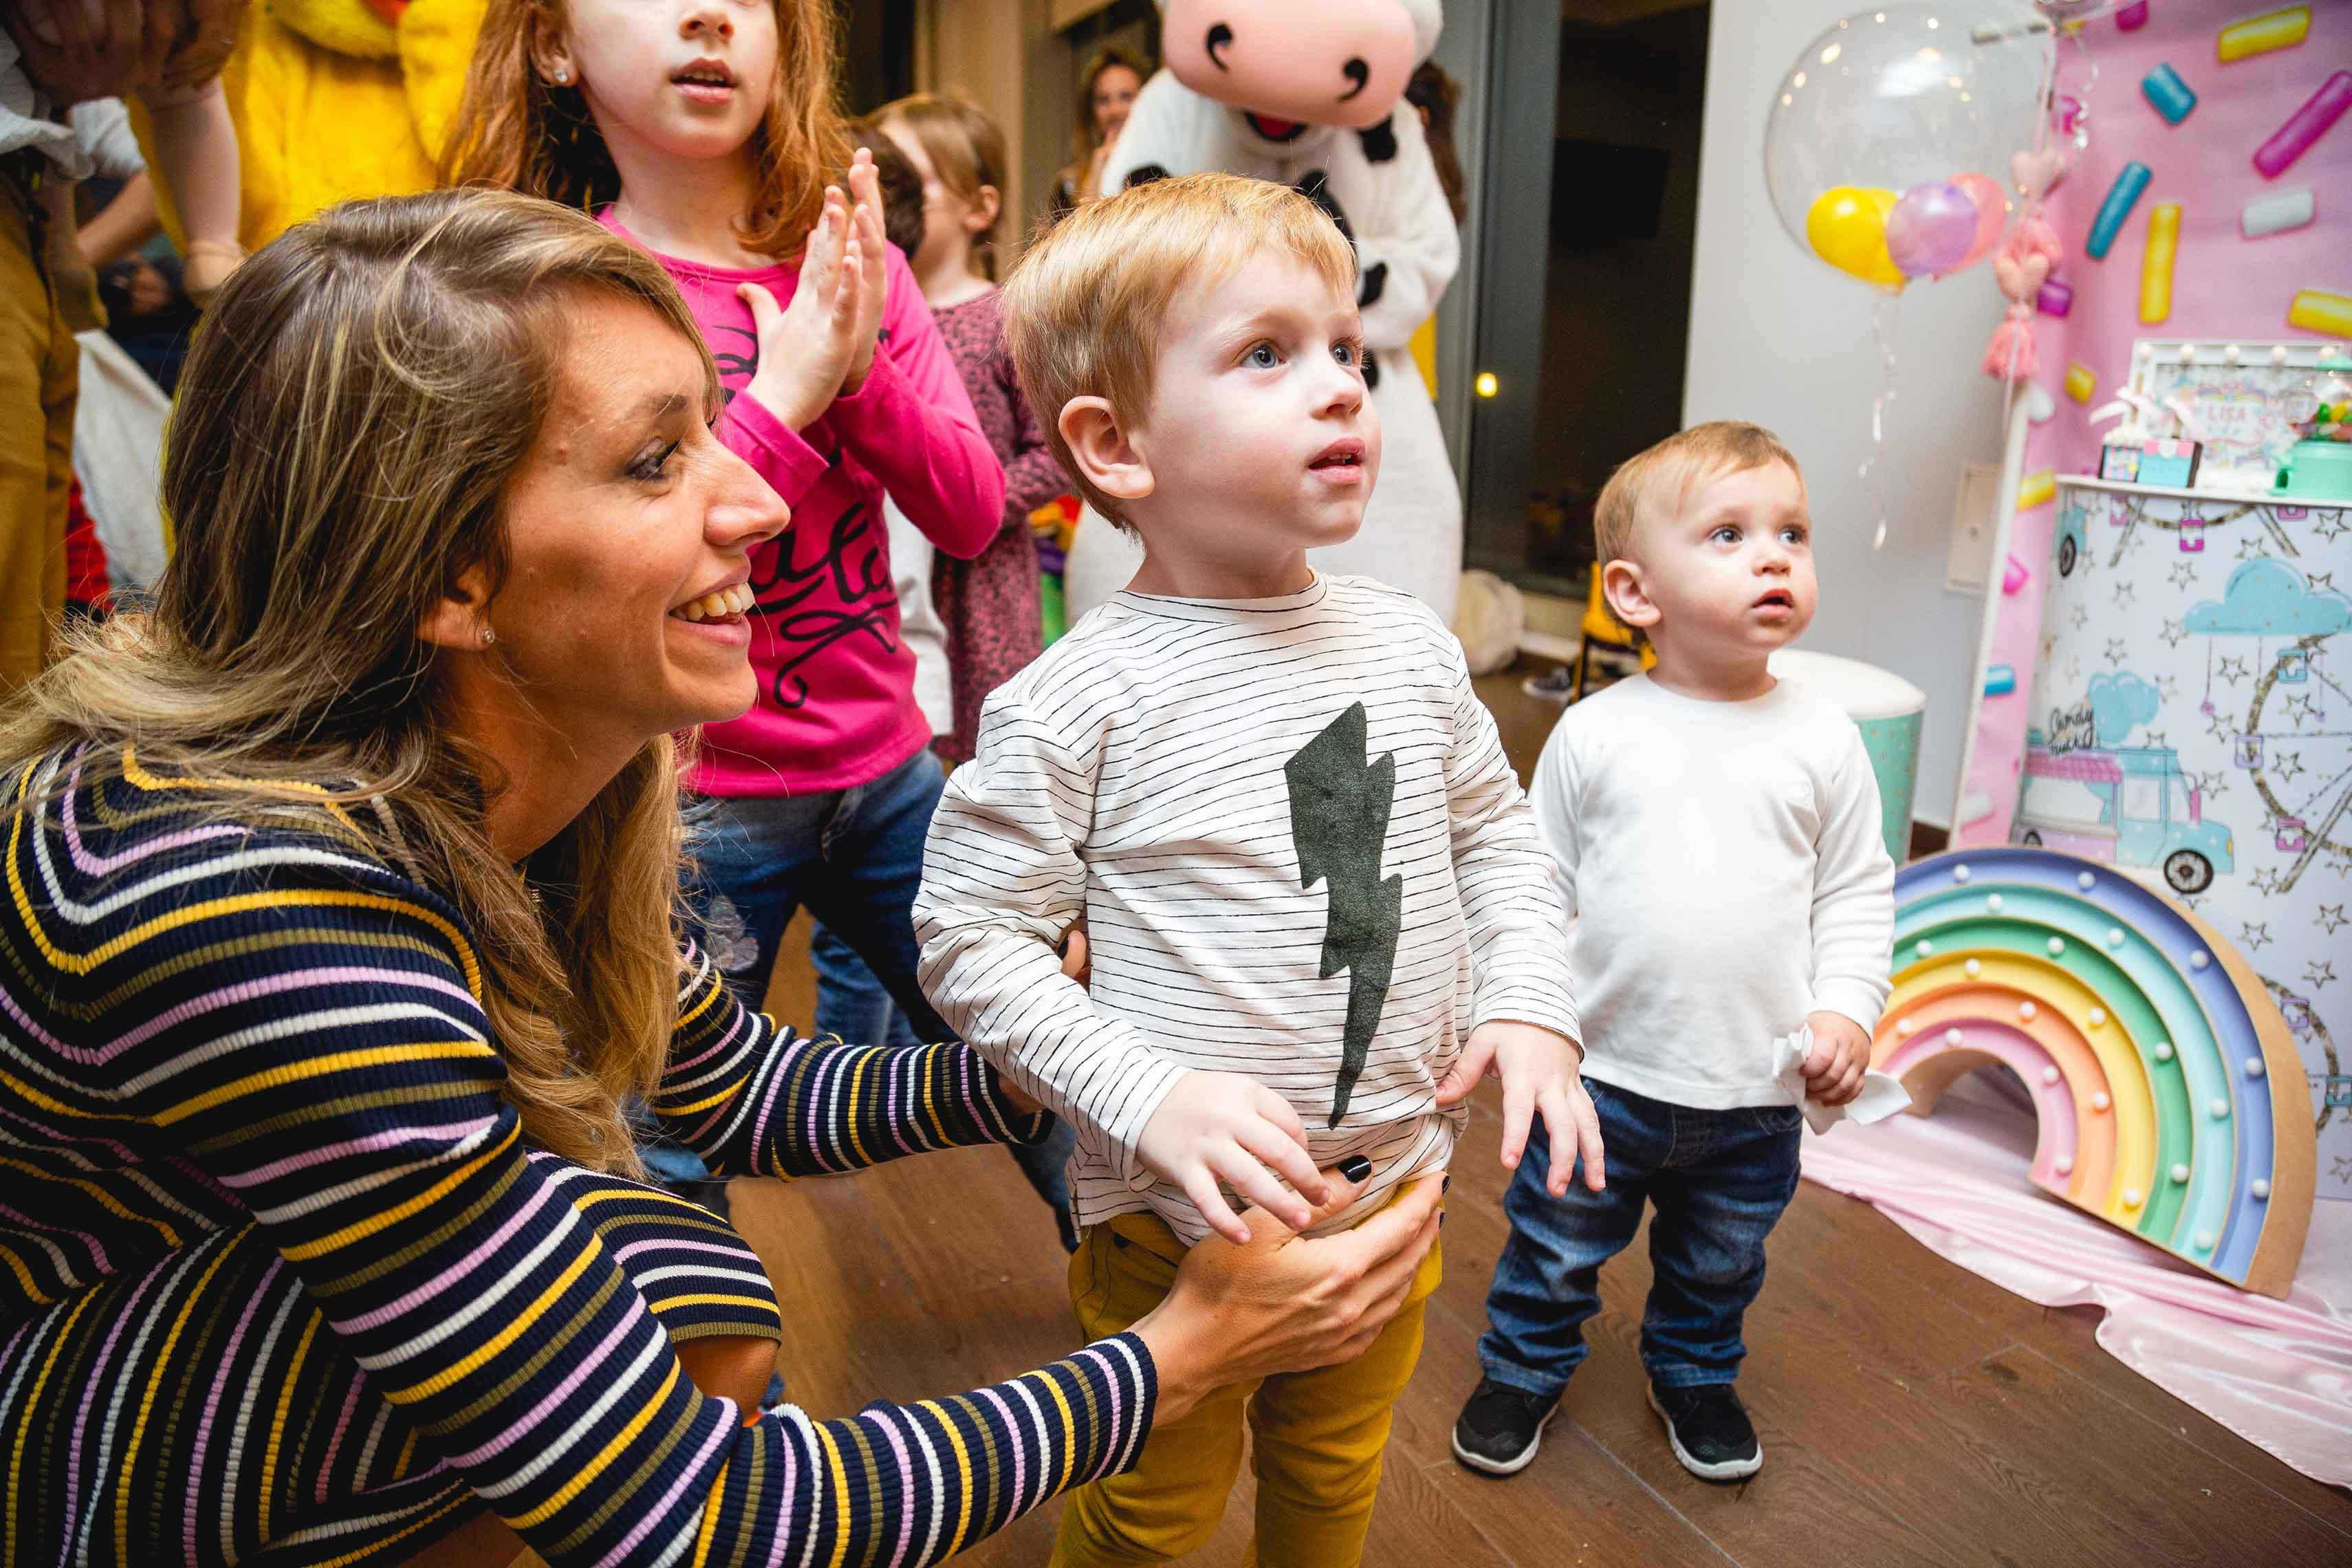 Fotos del cumpleaños de un año de Lisa en Rosario realizadas por Bucle Fotografias Flor Bosio y Caro Clerici